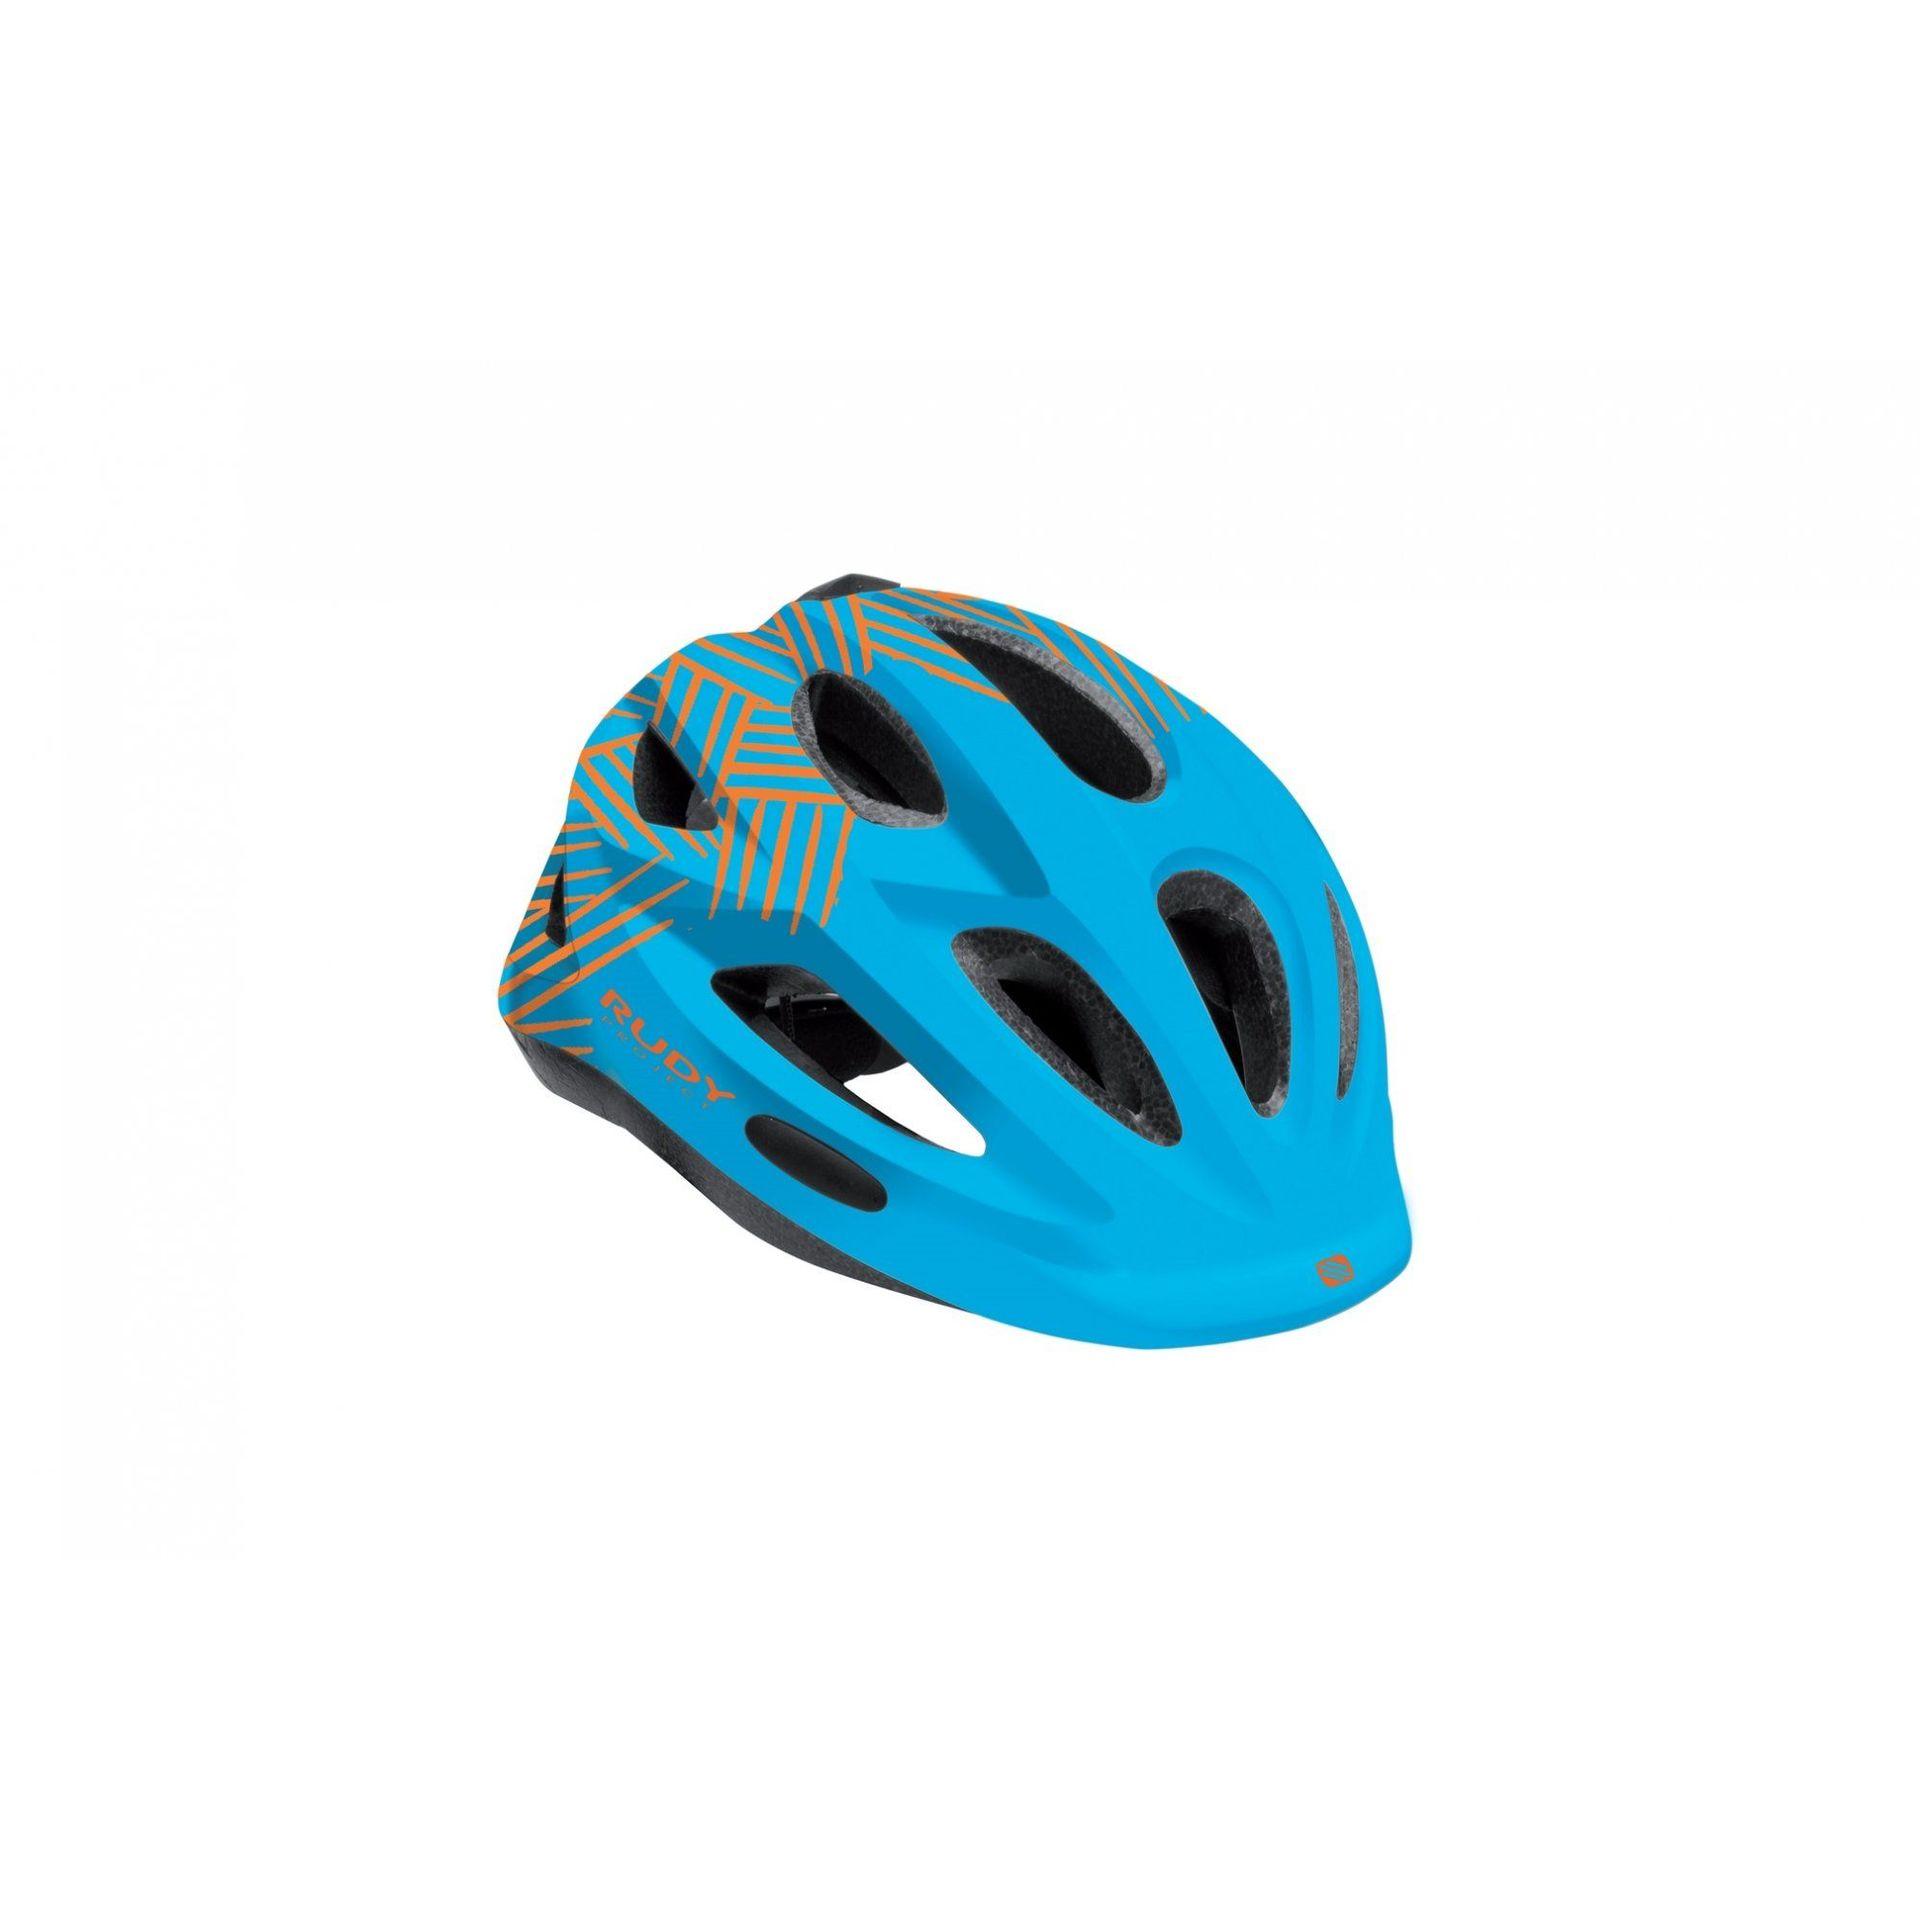 KASK ROWEROWY RUDY PROJECT ROCKY BLUE|ORANGE HL700051